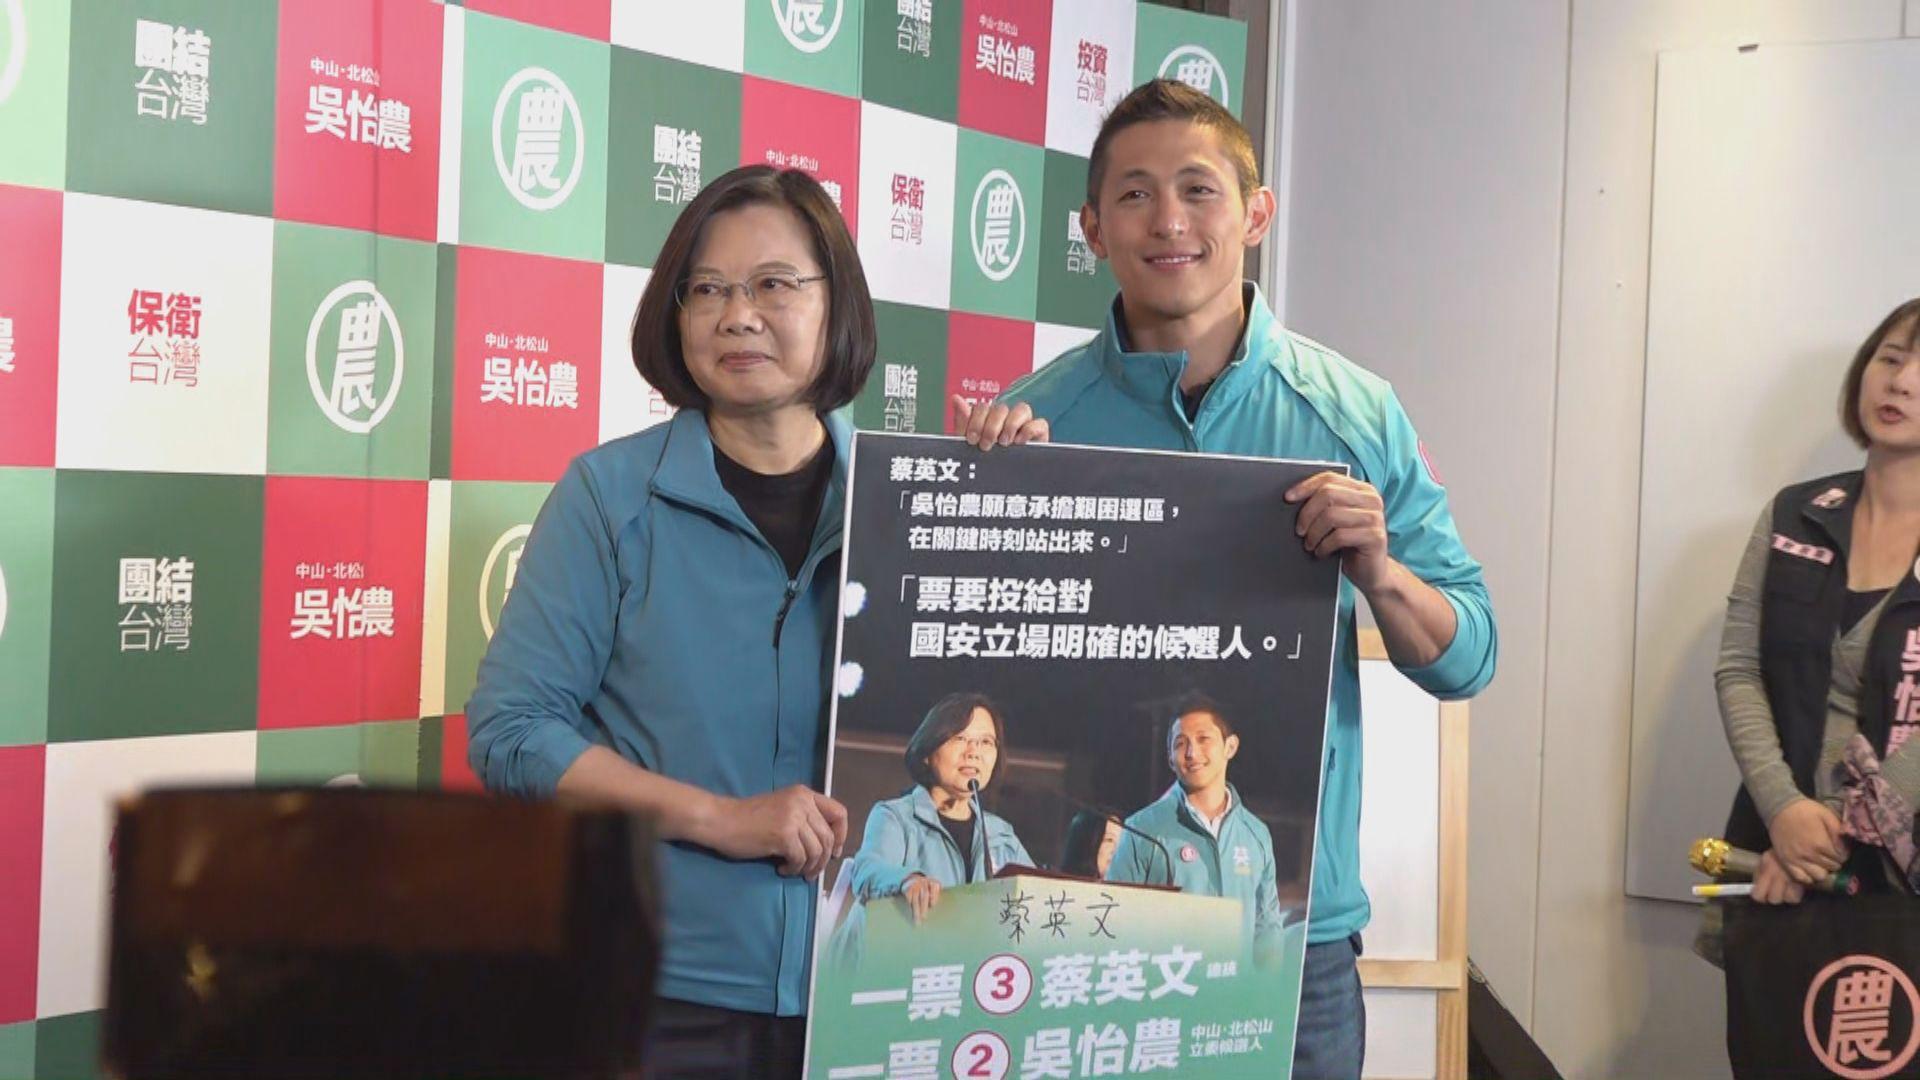 台灣明日大選 蔡英文籲選民支持維護國家主權的人